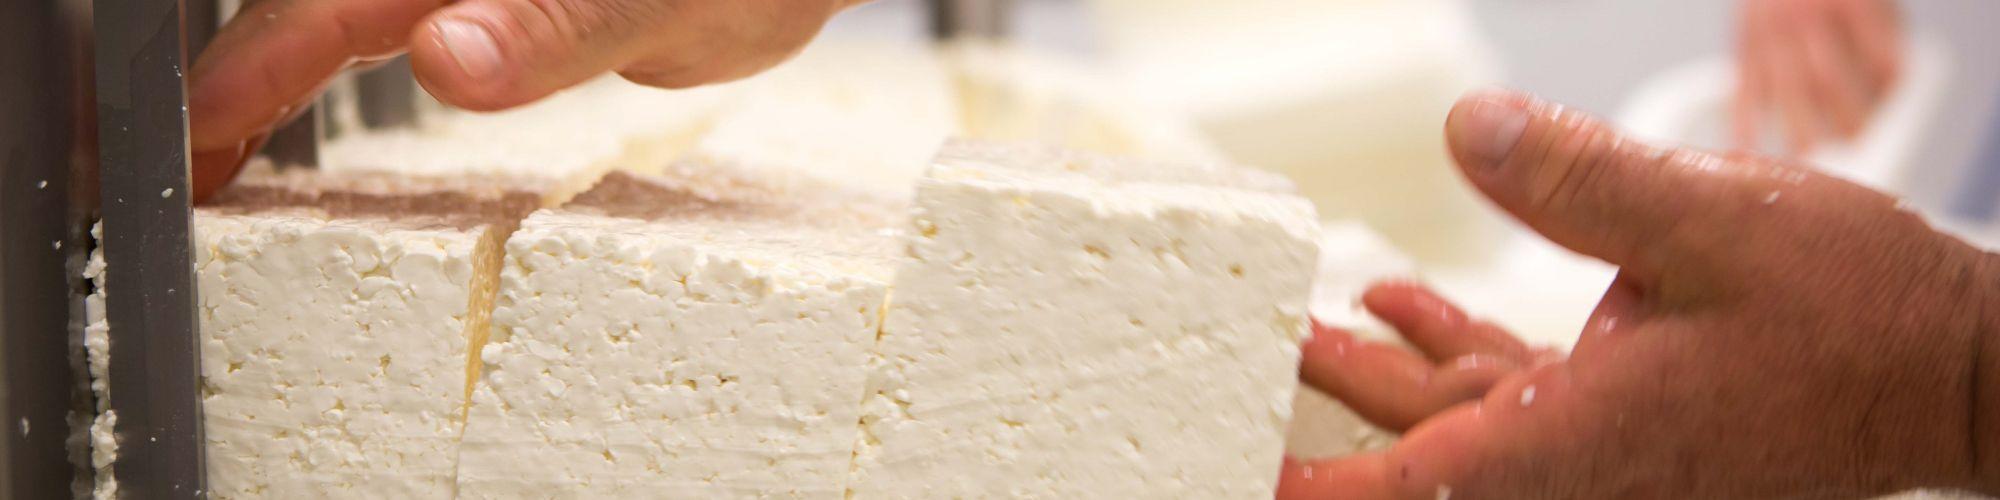 Découpage en blocs de fromage